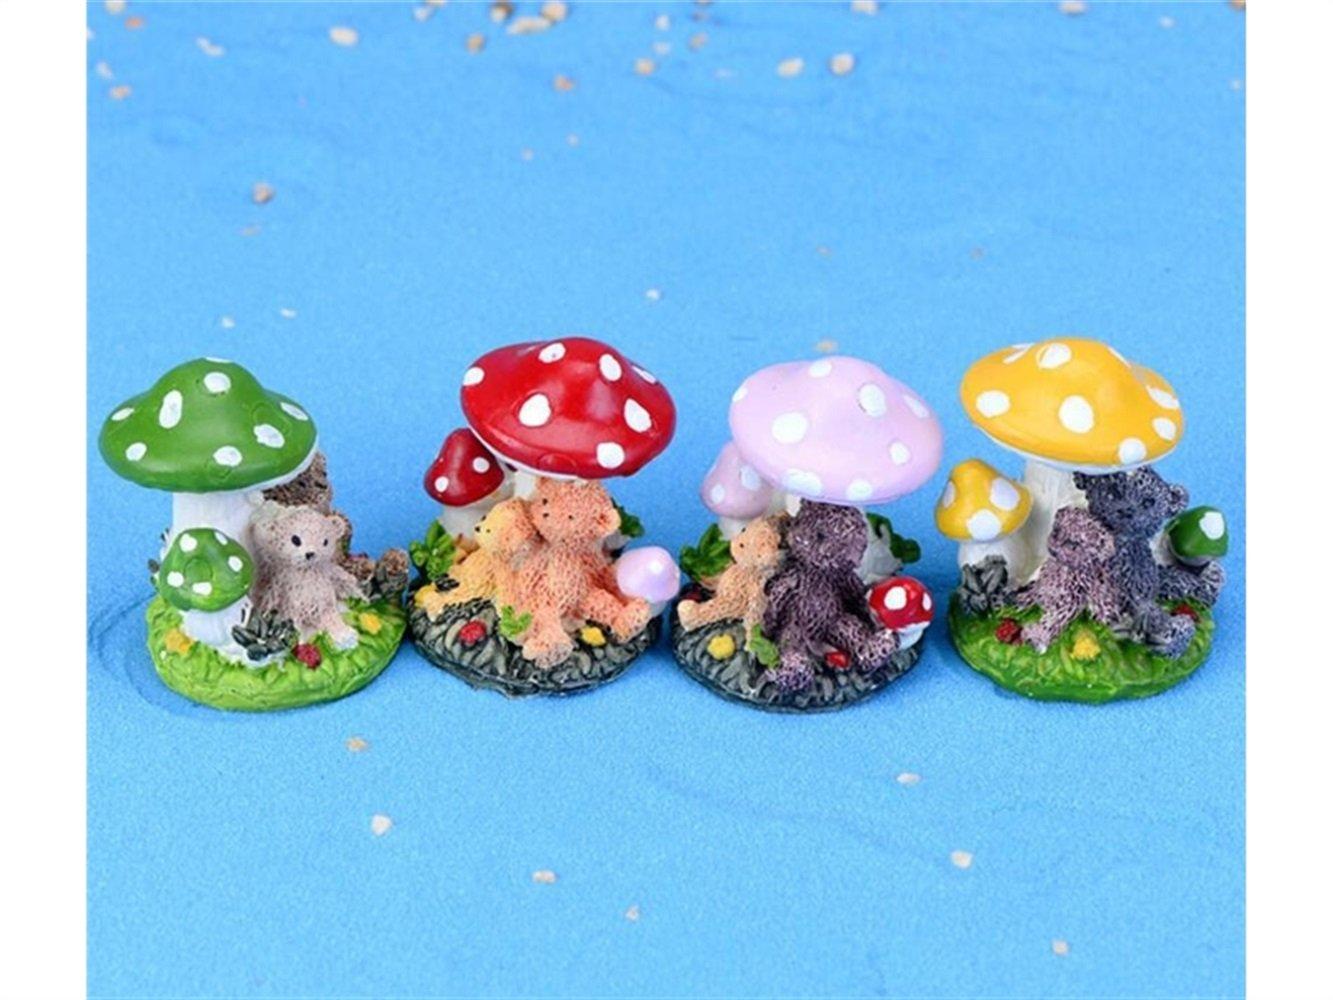 FERFERFERWON Ornamento in Miniatura 1 Pz in Miniatura Resina Orso Fungo Fairy Garden Micro Ornamenti Paesaggio Decorazione della casa (Colore Casuale) Decorazione per casa delle Bambole